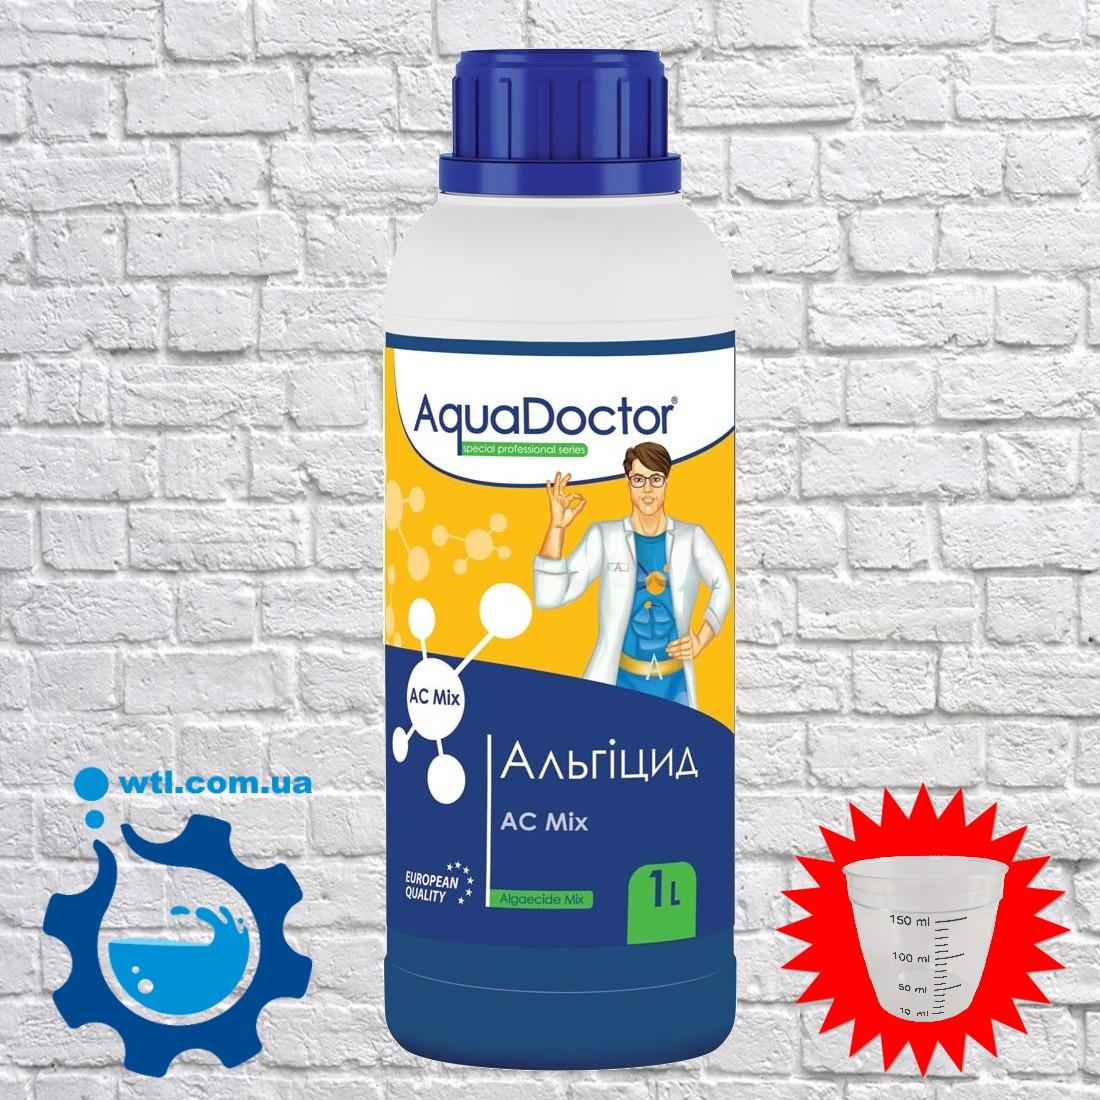 Рідка хімія для басейнів AquaDoctor AC MIX 1 л проти водоростей і зелені Аквадоктор